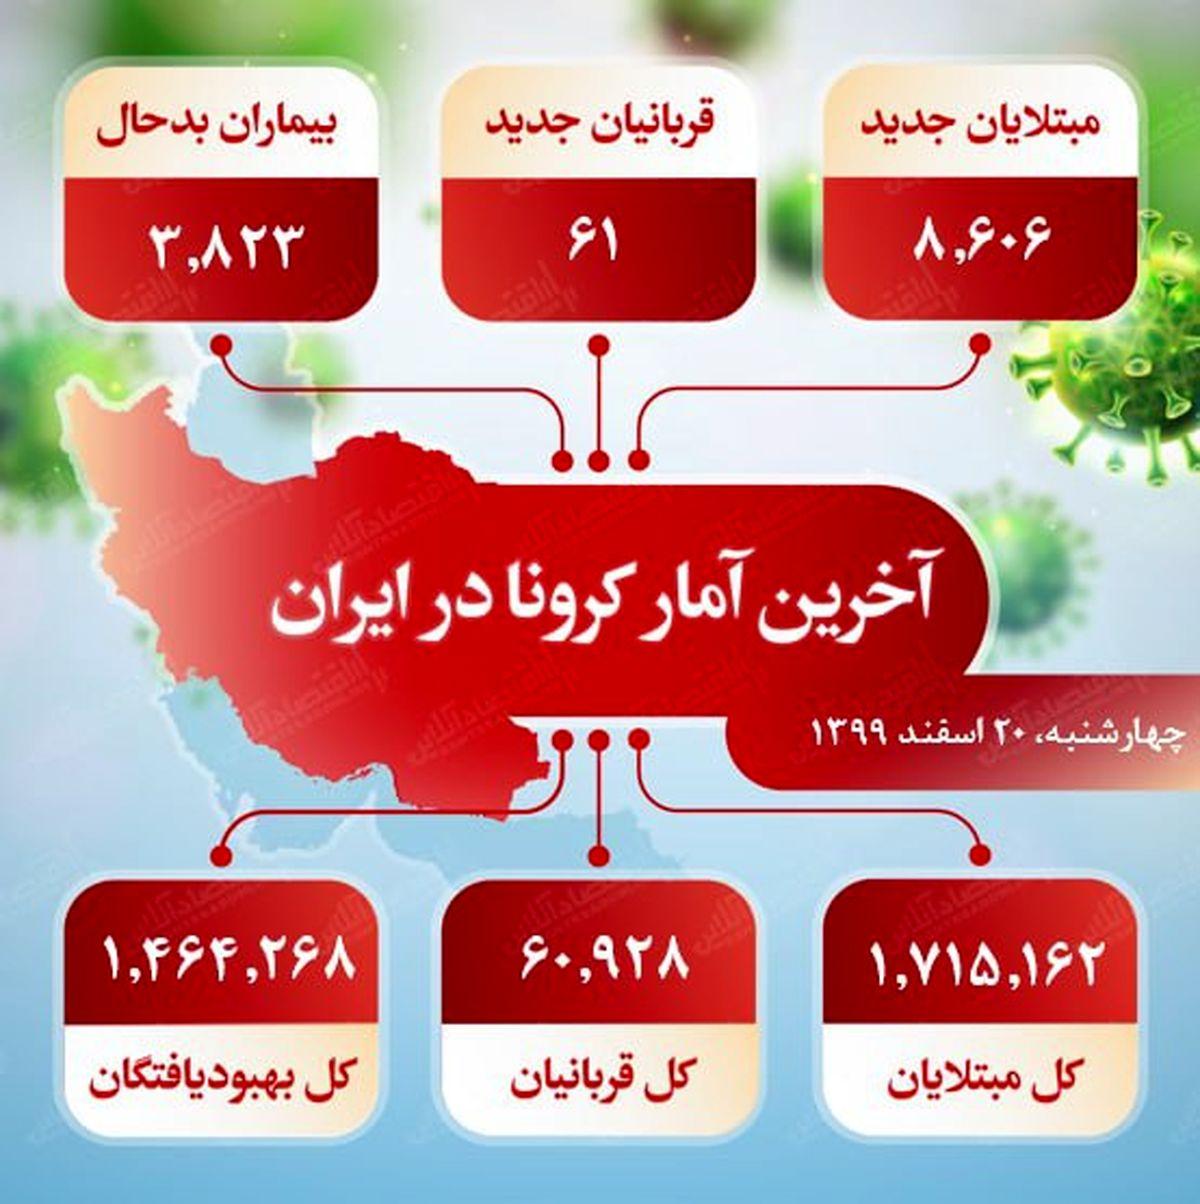 آخرین آمار کرونا در ایران (۹۹/۱۲/۲۰)